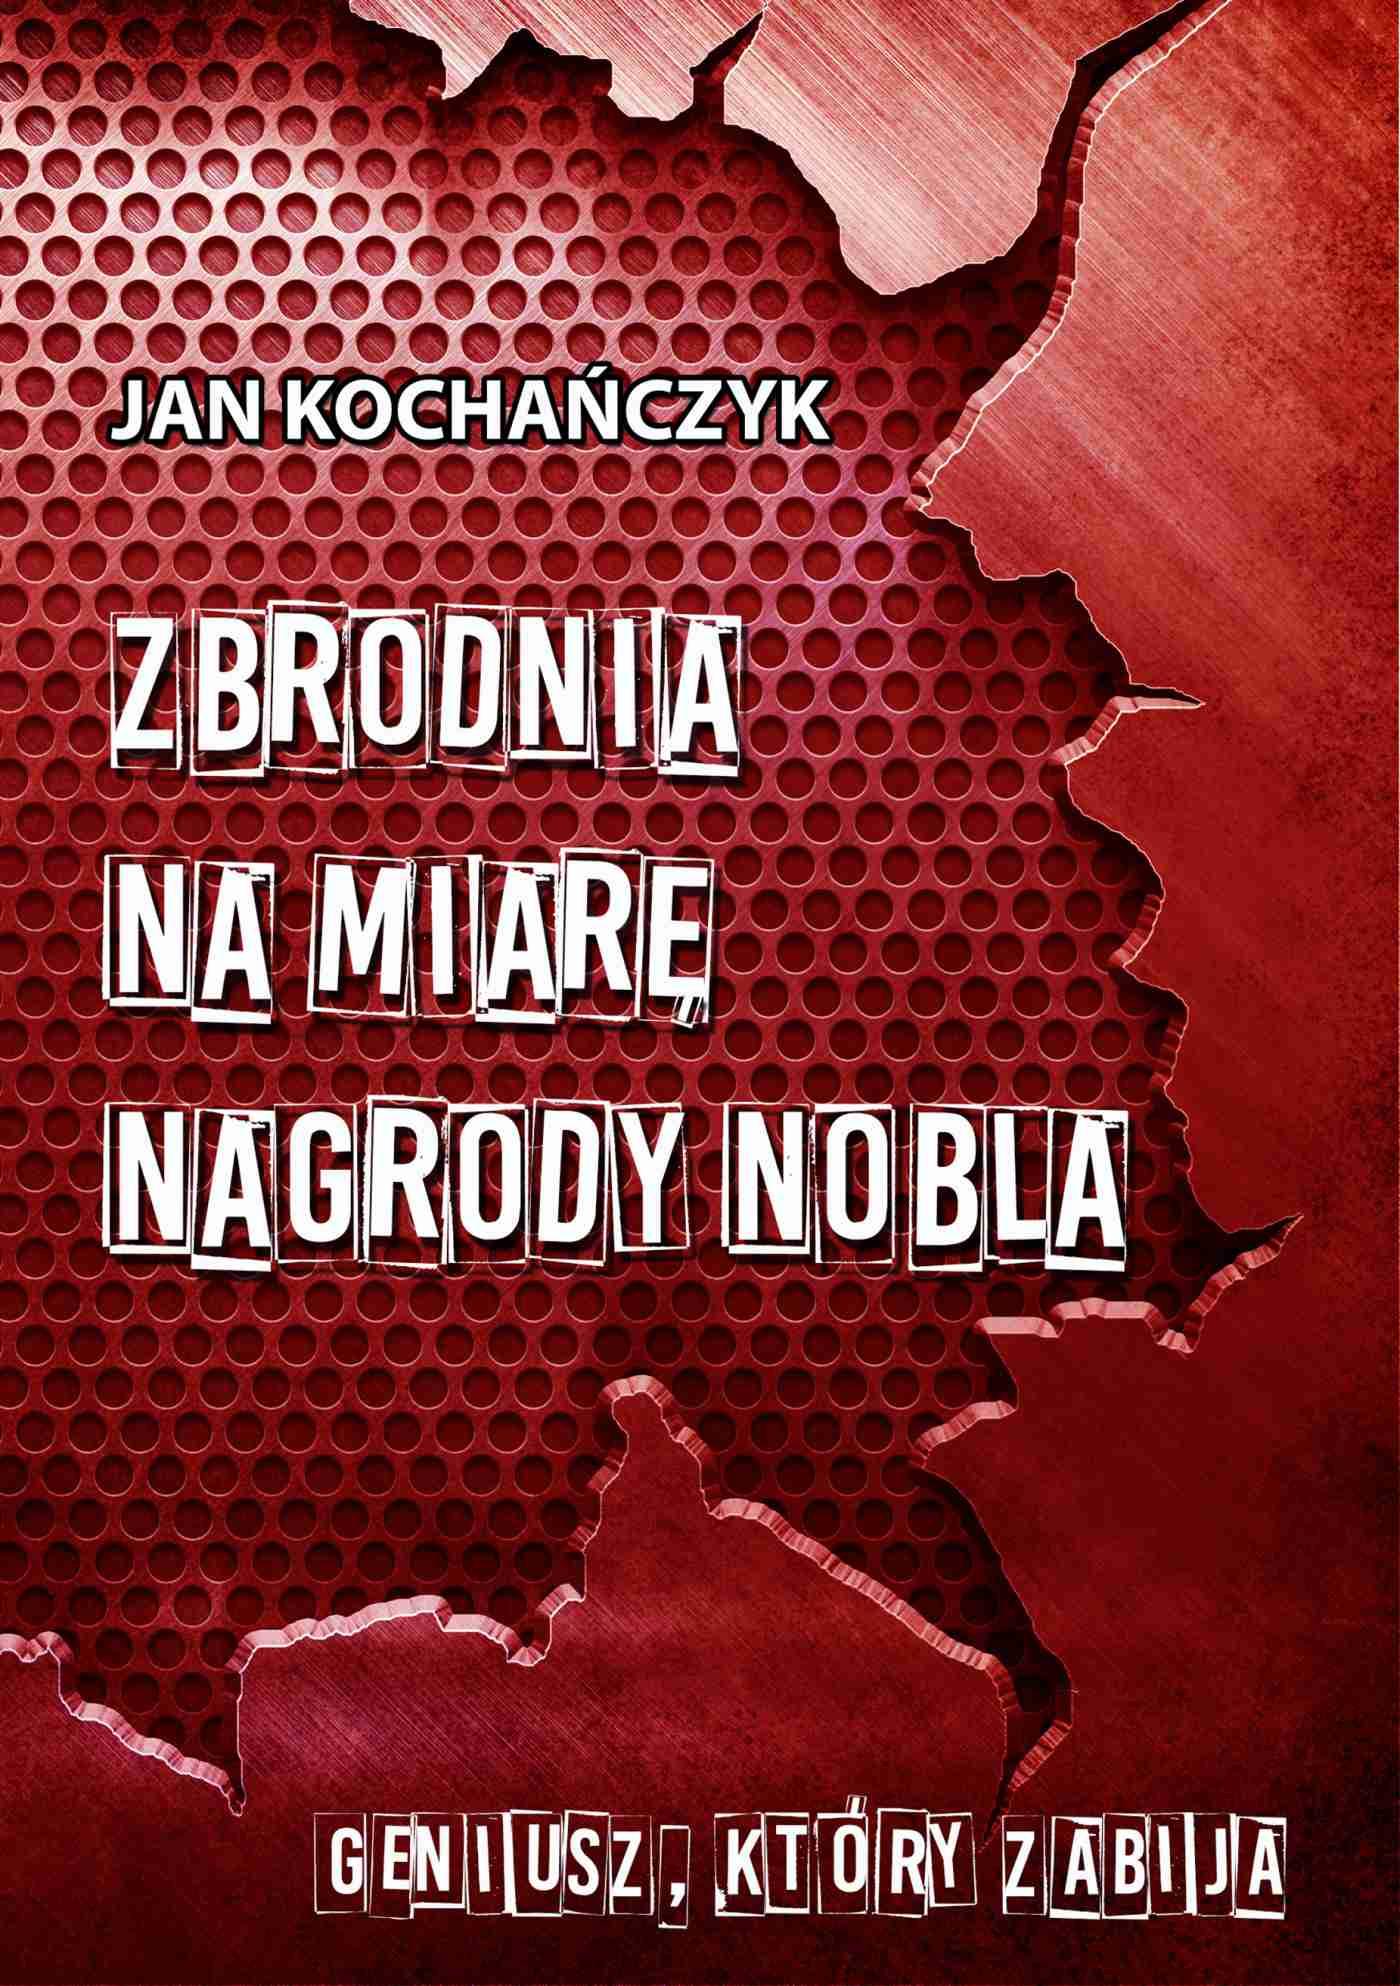 Zbrodnia na miarę Nagrody Nobla - Ebook (Książka EPUB) do pobrania w formacie EPUB